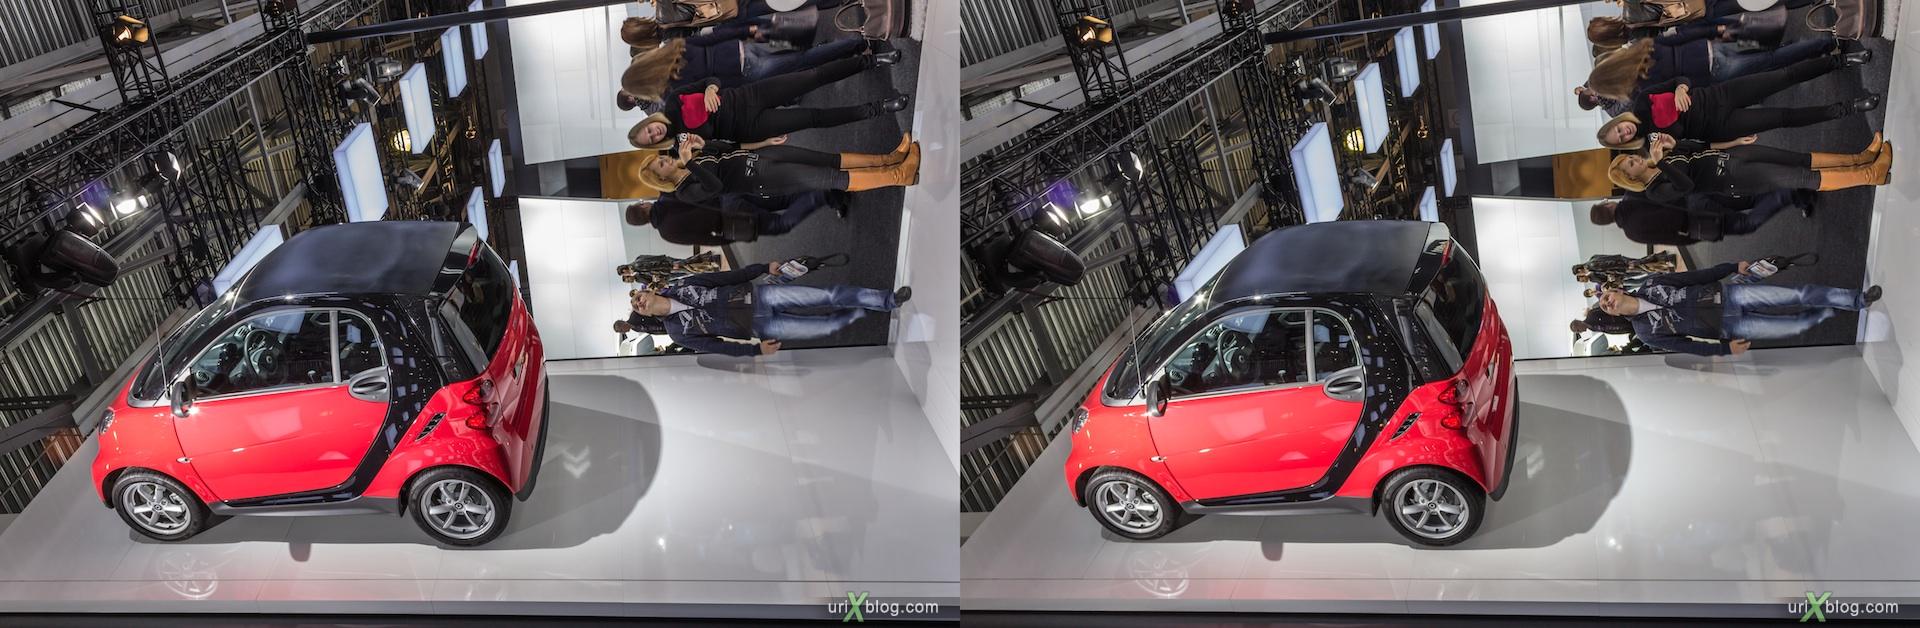 2012, Smart, Московский международный автомобильный салон, ММАС, Крокус Экспо, 3D, стереопара